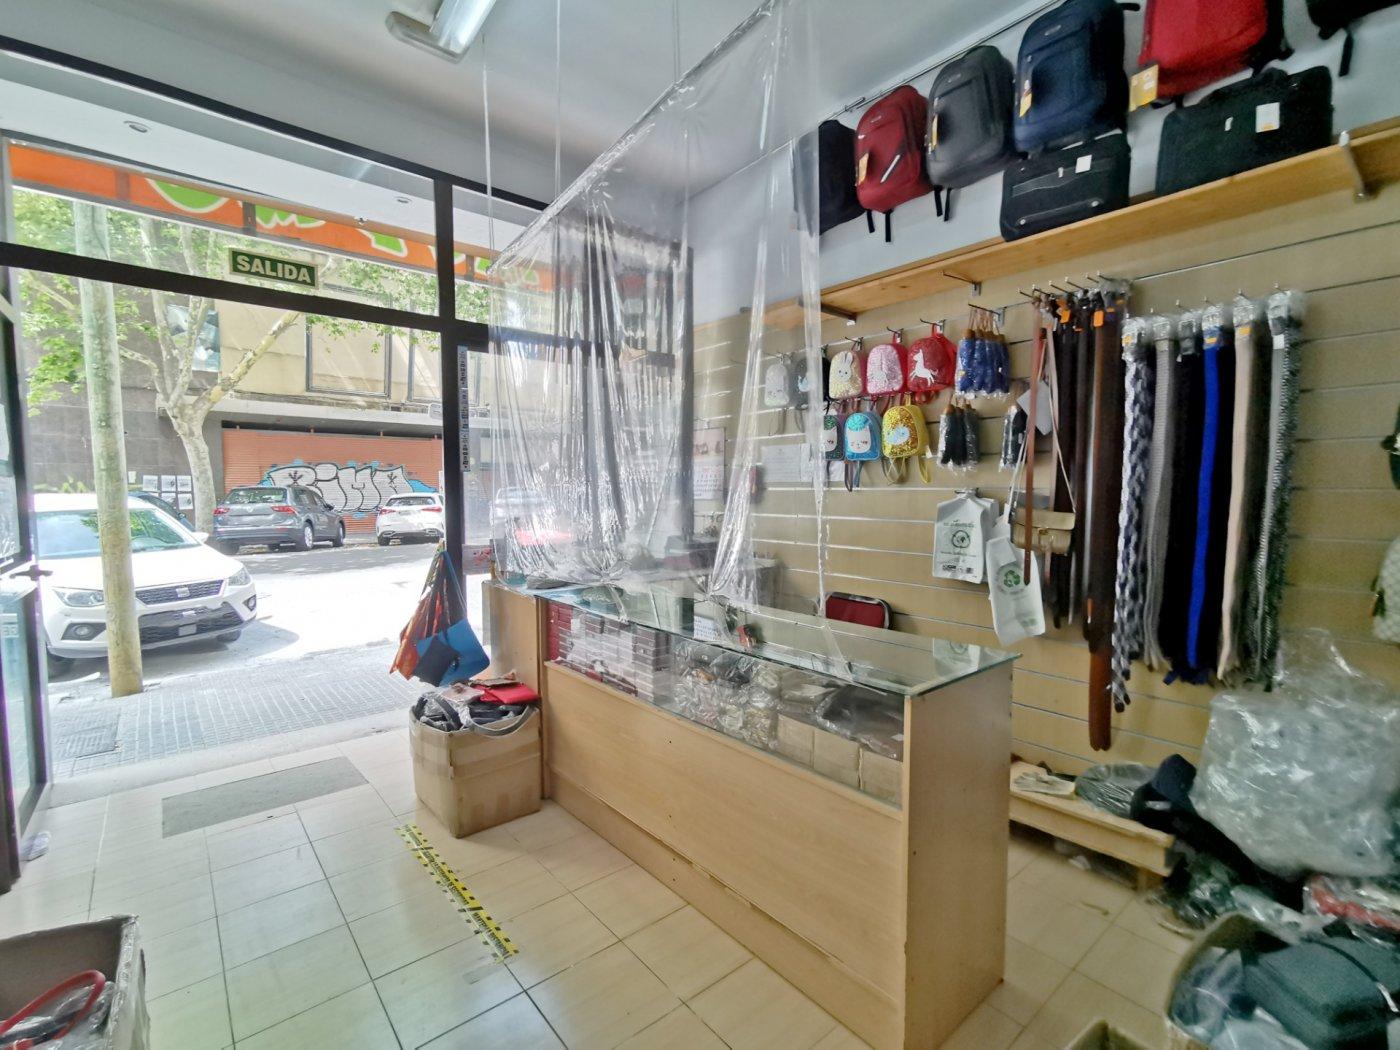 Local en venta en pere garau - imagenInmueble1